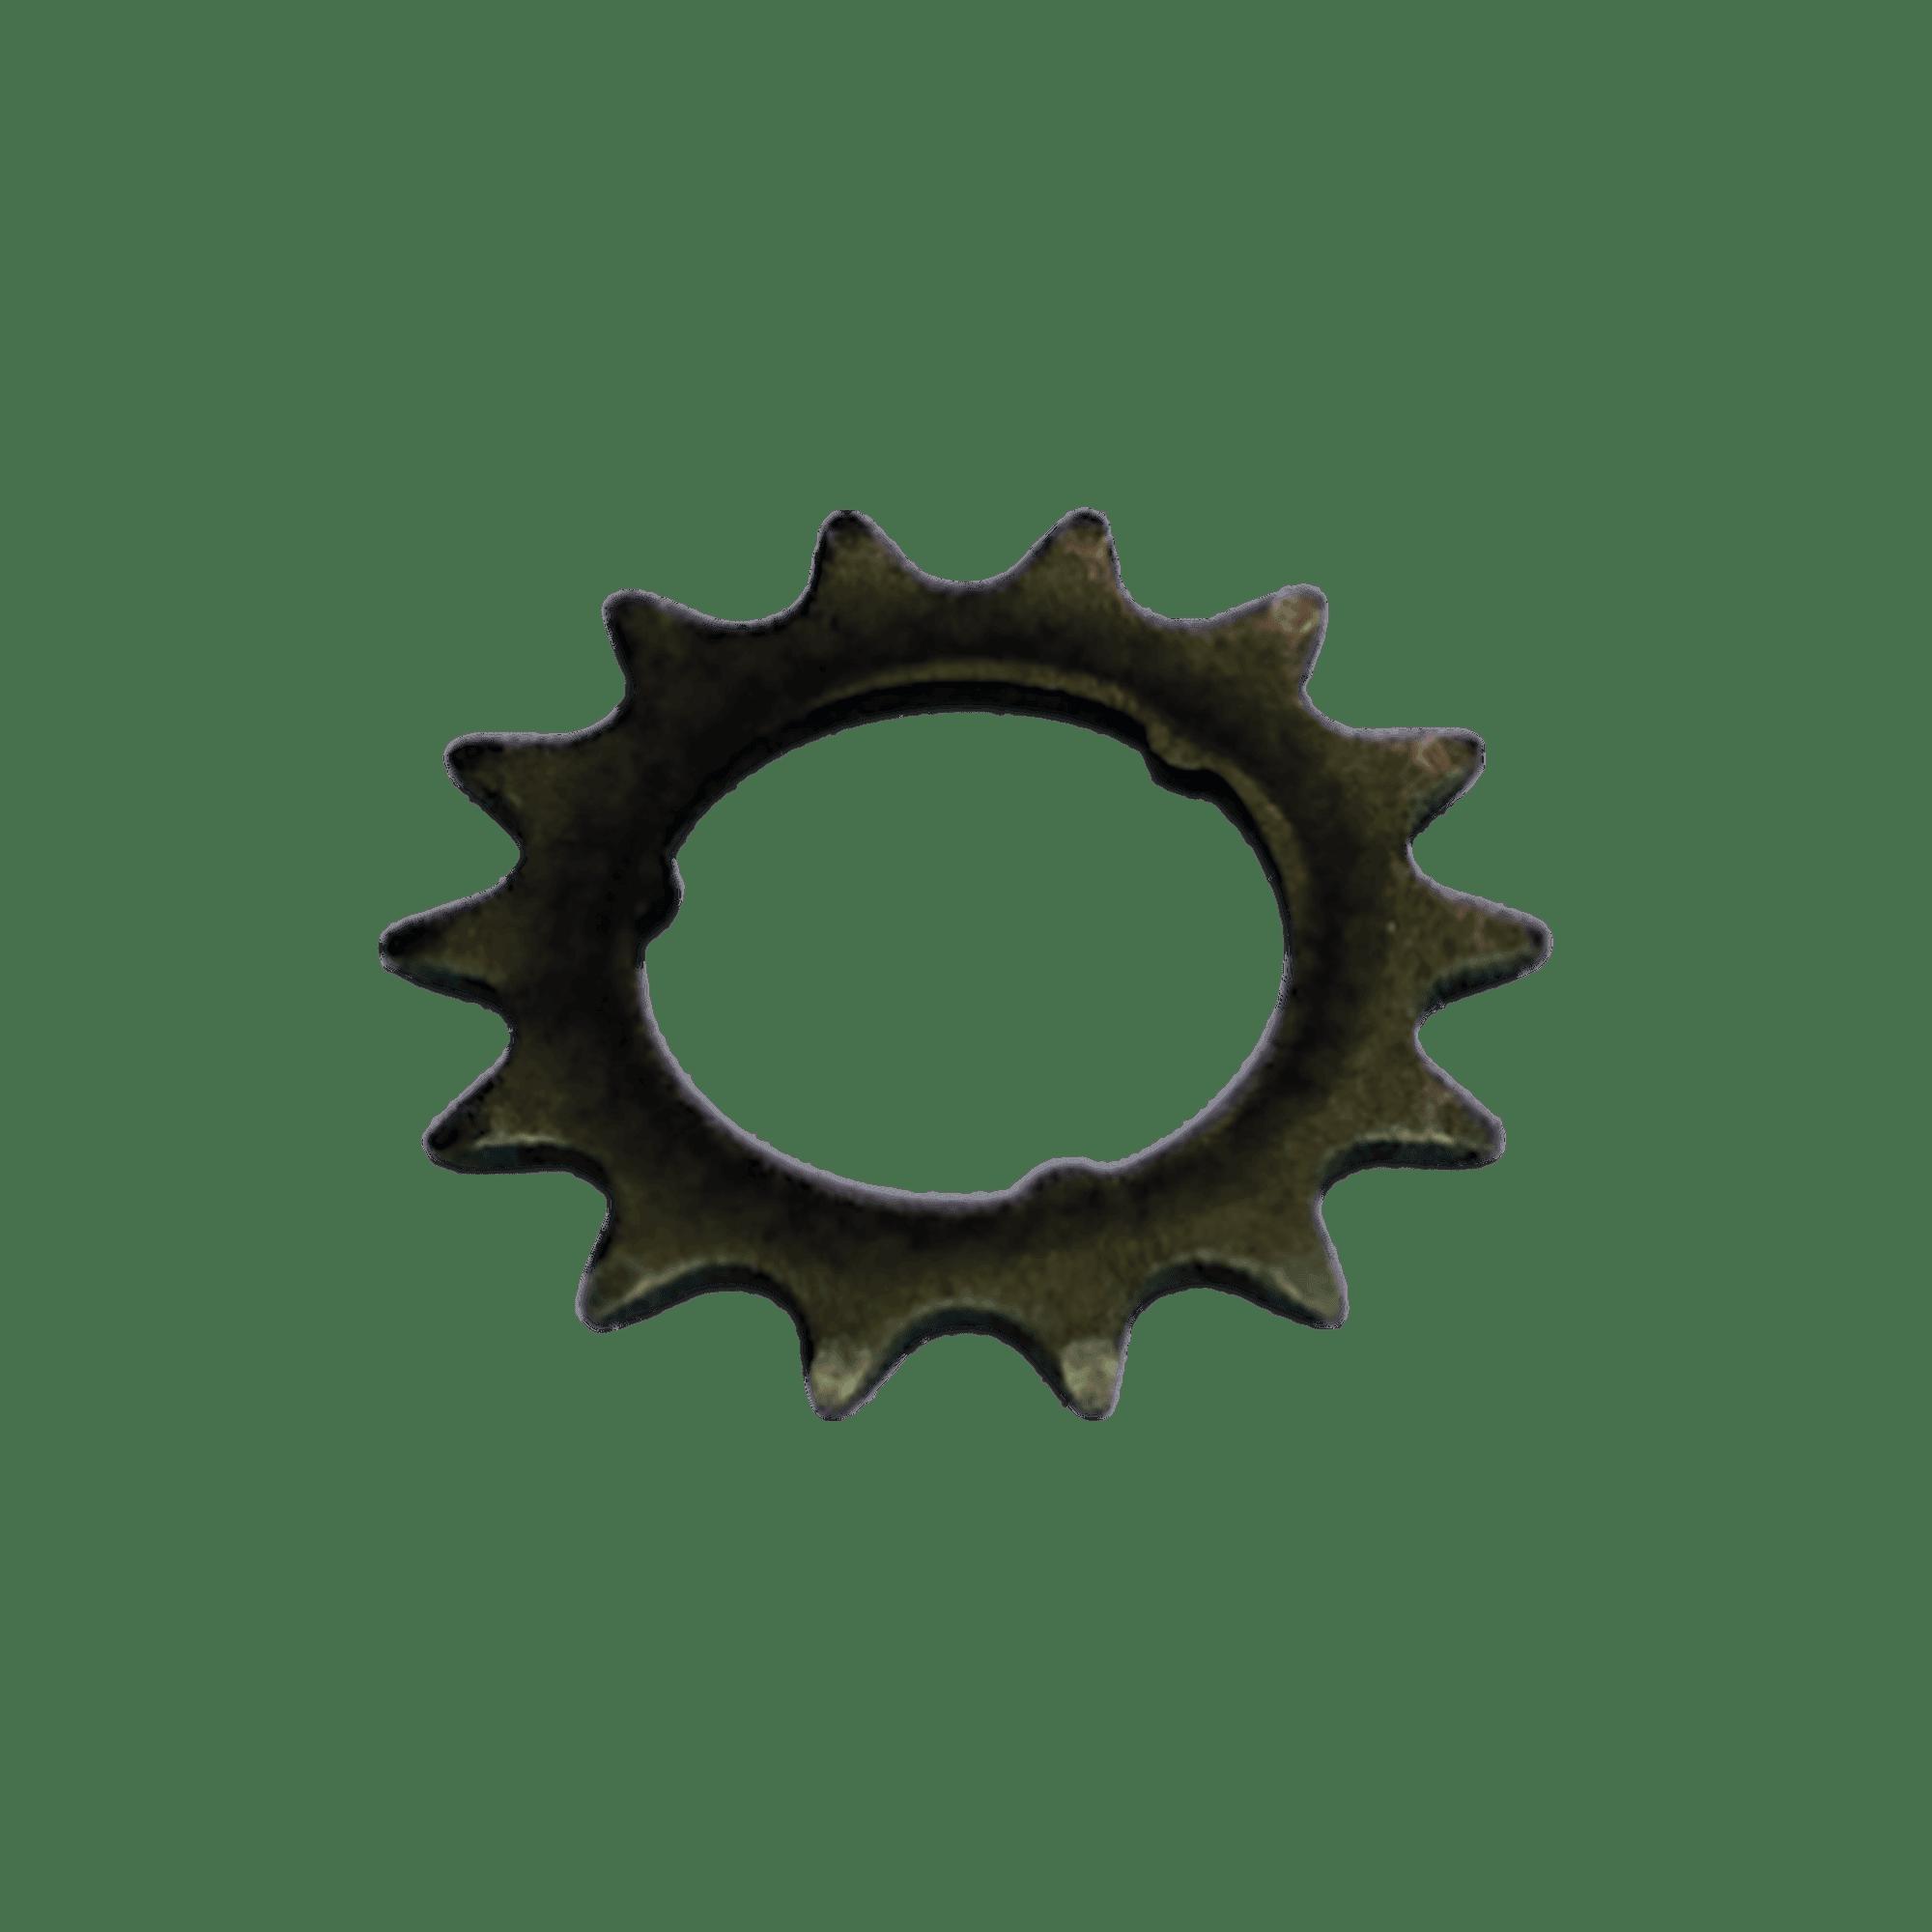 00588 Pinhão fixo encaixe 14 dentes VELOSTEEL bronze